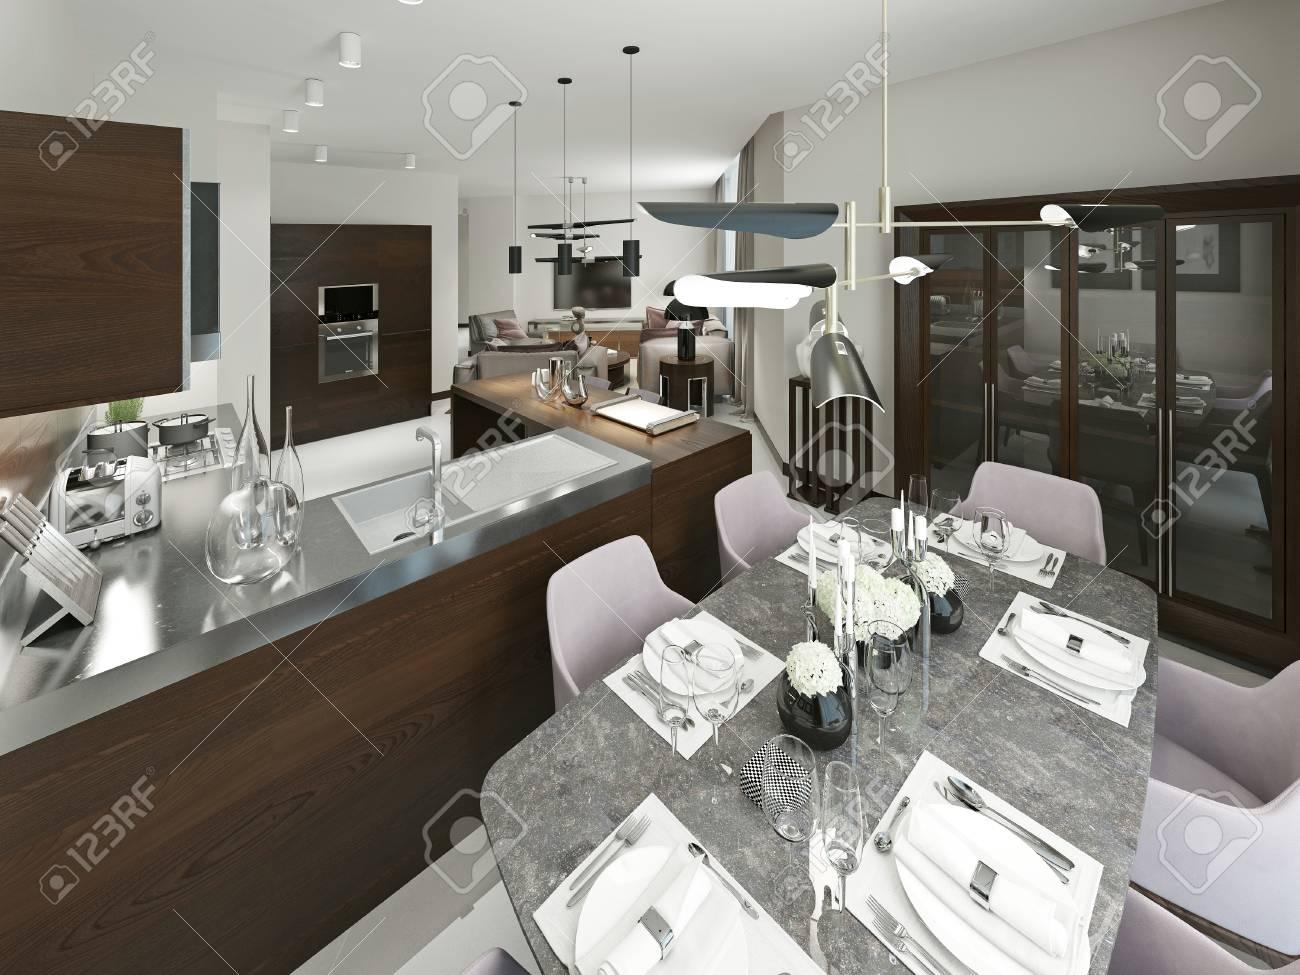 Banque Du0027images   Salle à Manger Et Cuisine Modernes. Beau Mobilier Moderne  A Des Couleurs Douces, Marron, Beige Et Gris. Rendu 3D